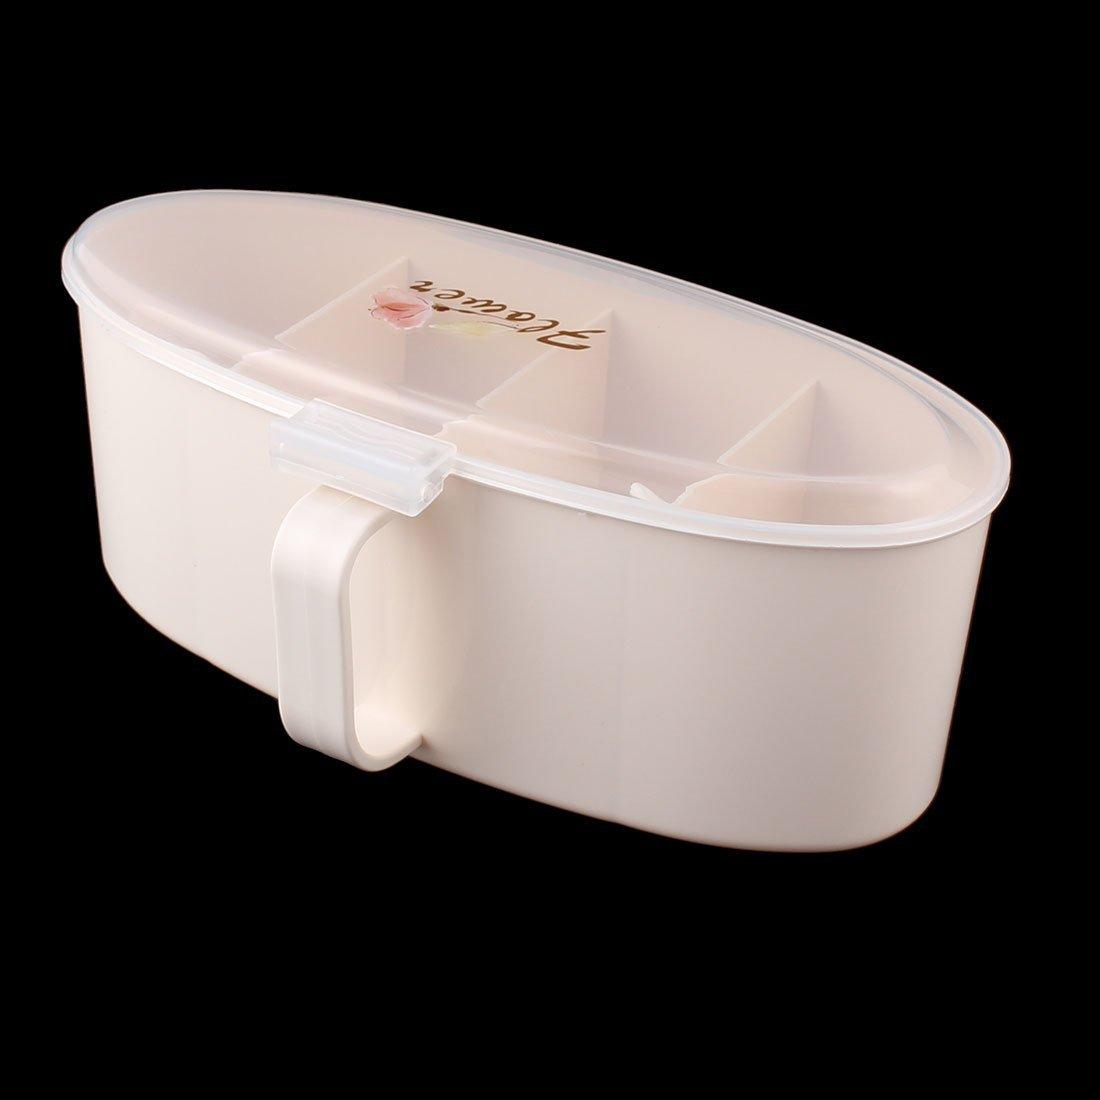 Amazon.com | eDealMax plástico Domésticos de Cocina 4 compartimientos condimento Box Contenedor Condimentos Especias: Condiment Pots